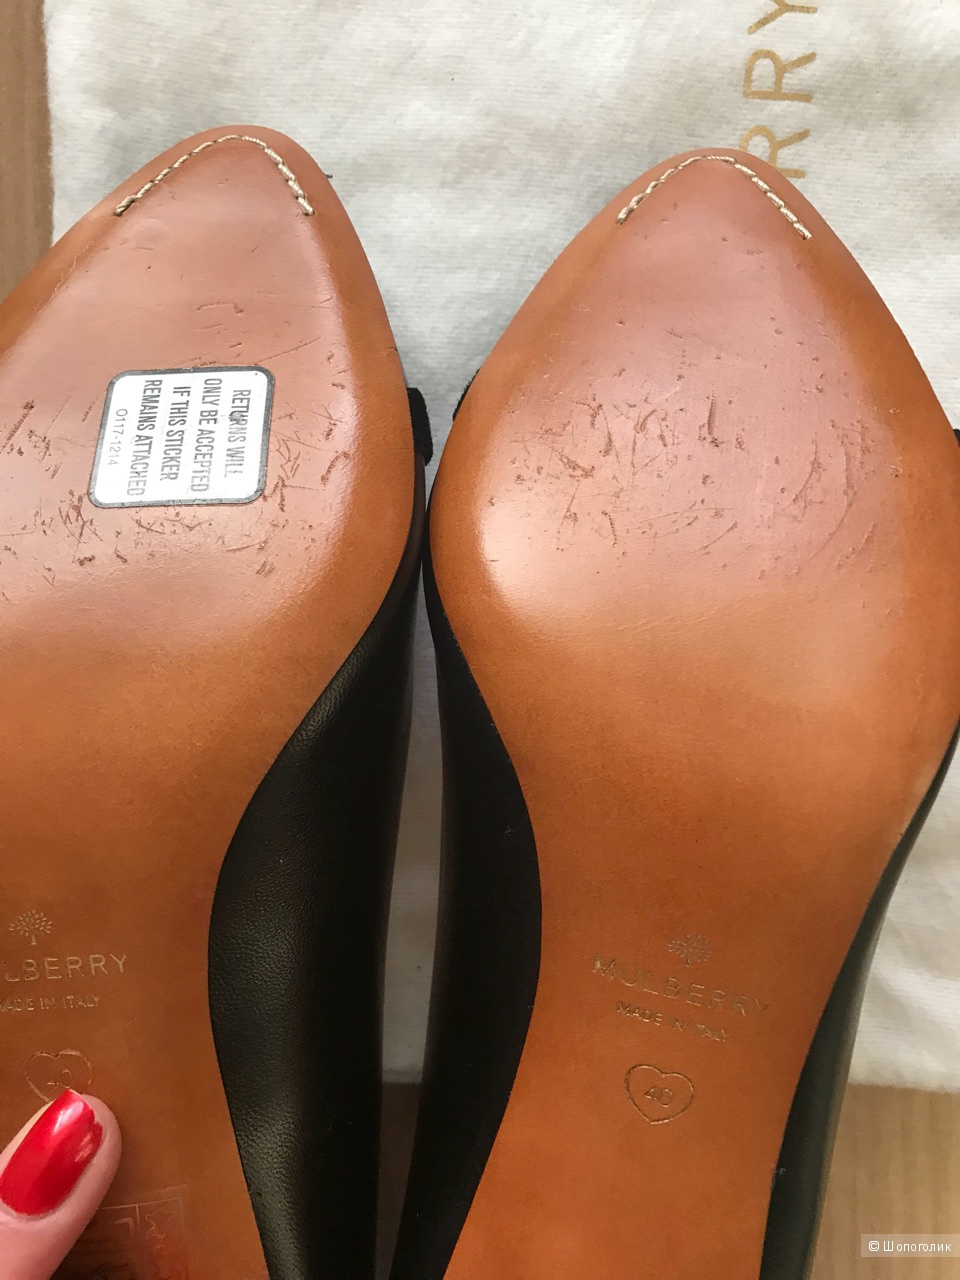 b3035c76a Туфли черные MULBERRY, 40 IT размер, на узкую ногу 39,5, в магазине ...